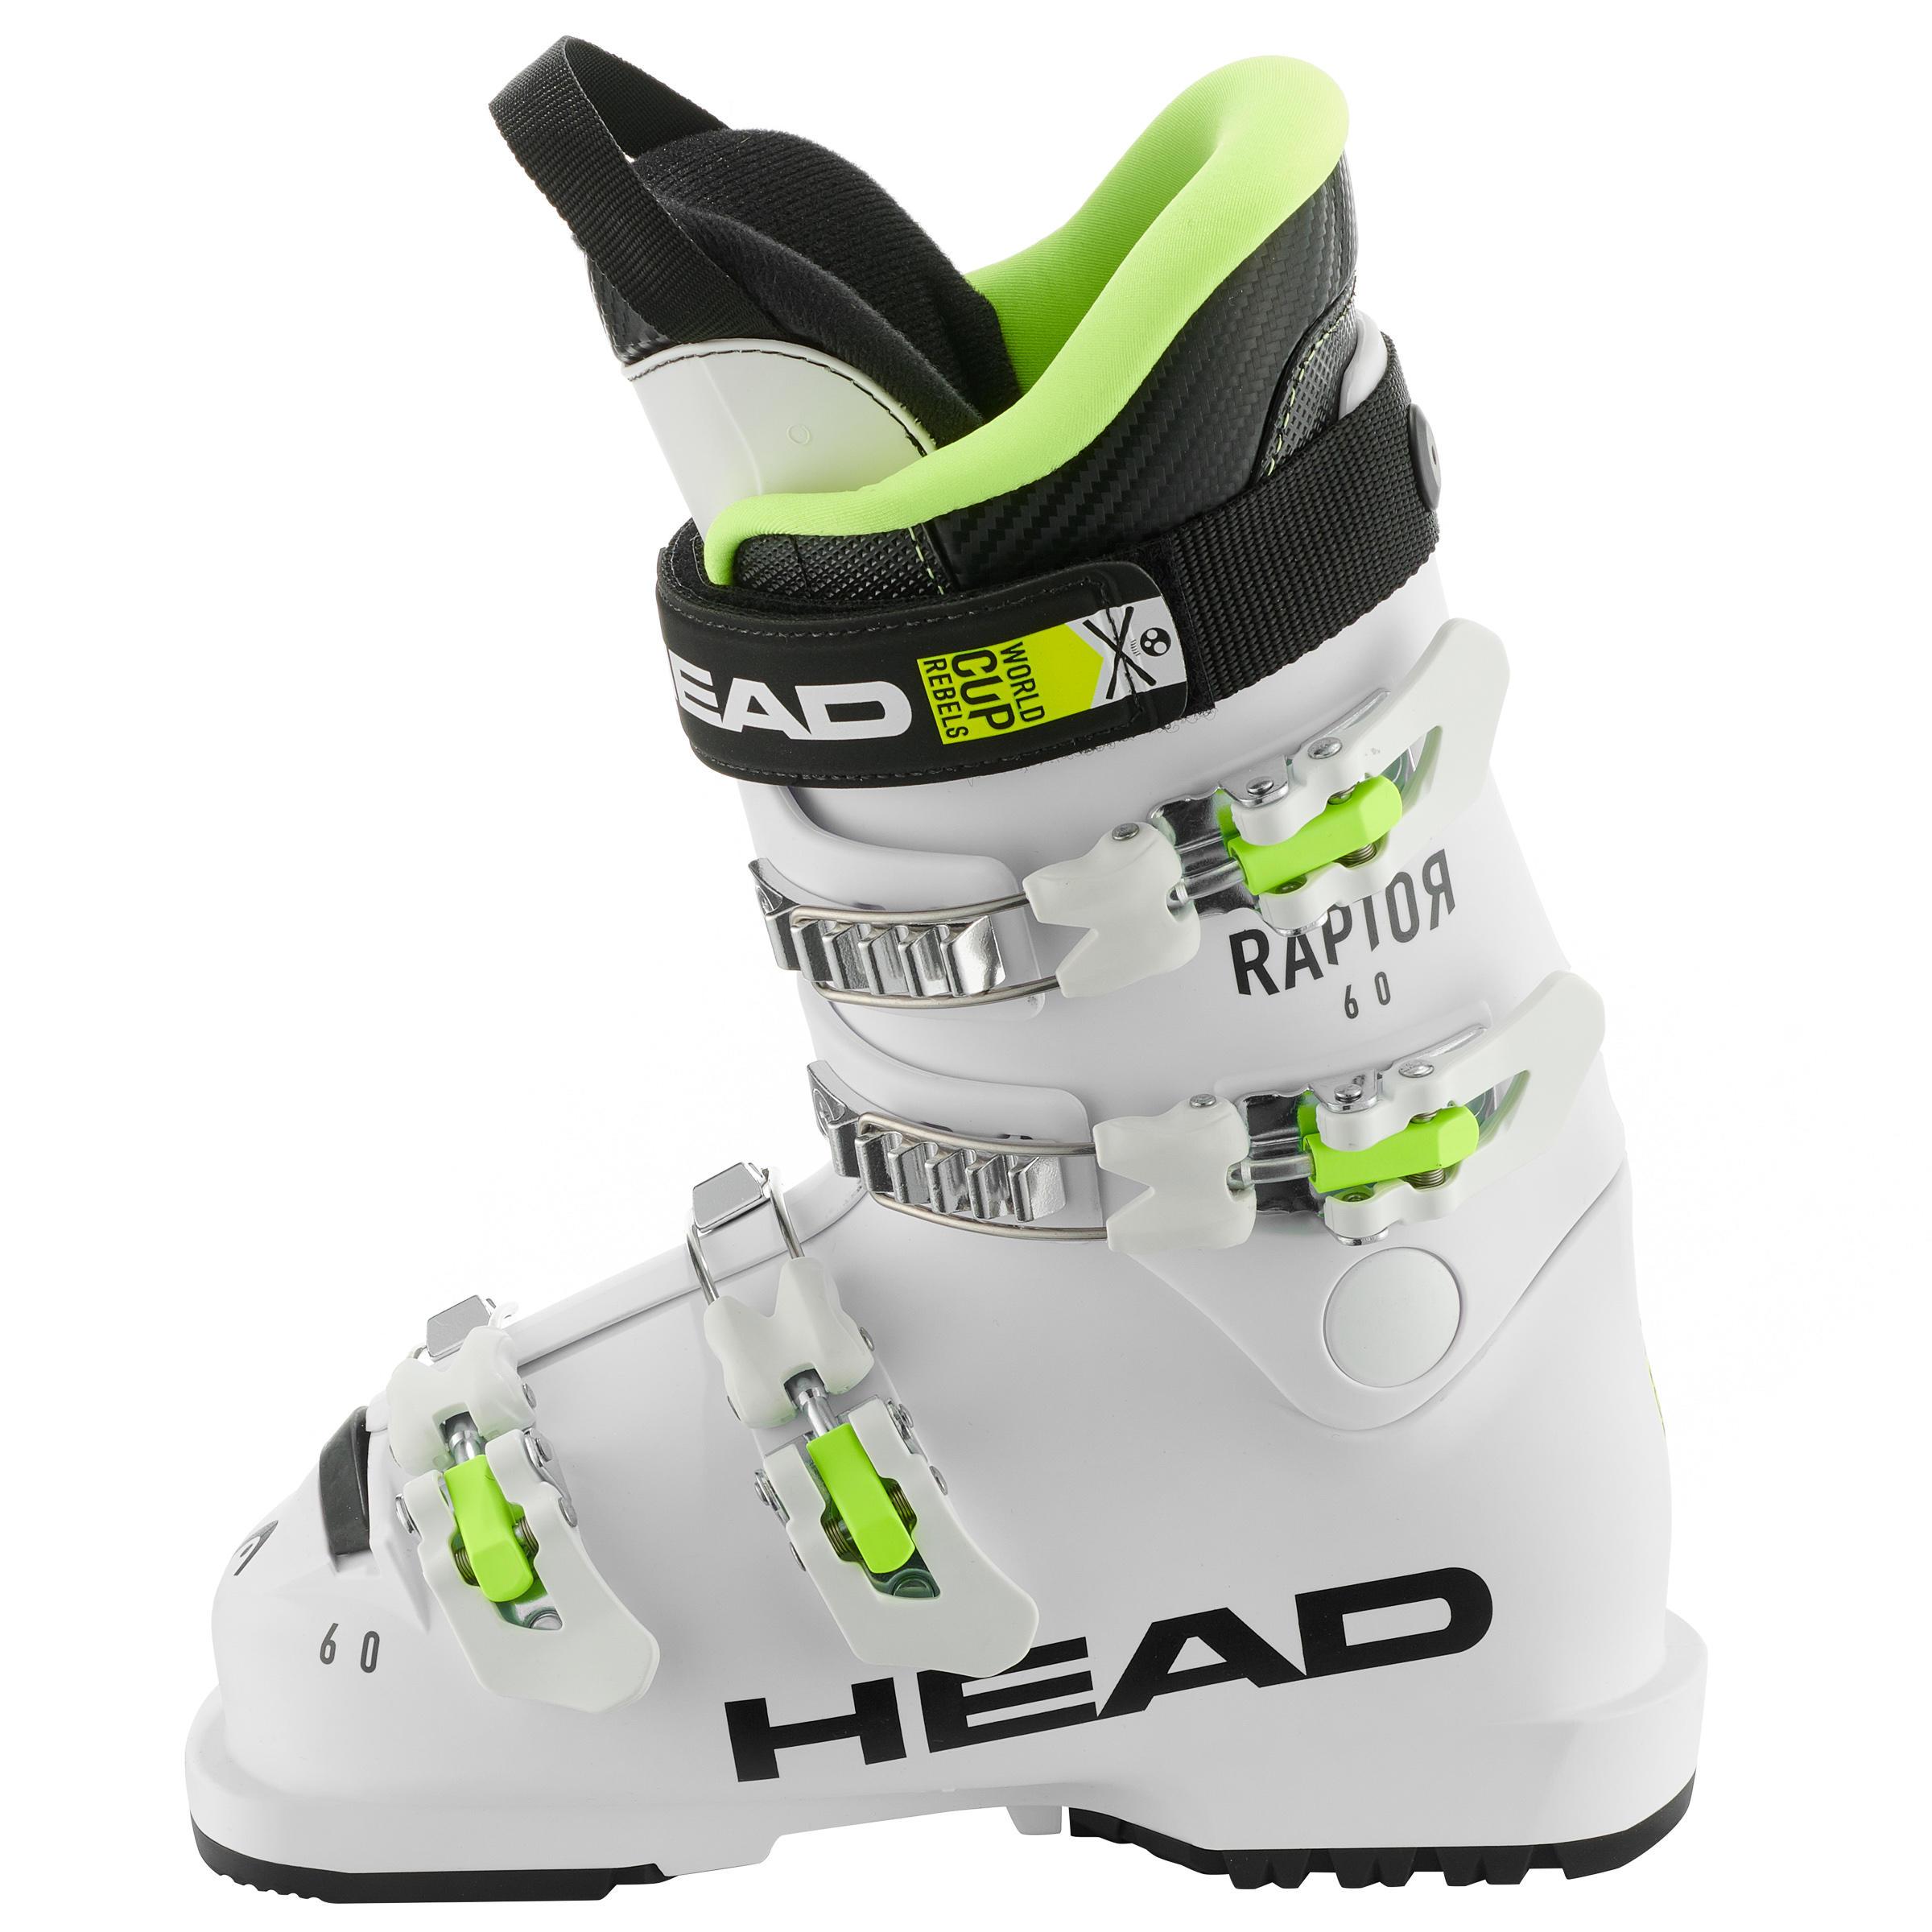 Clăpari schi HEAD RAPTOR 60